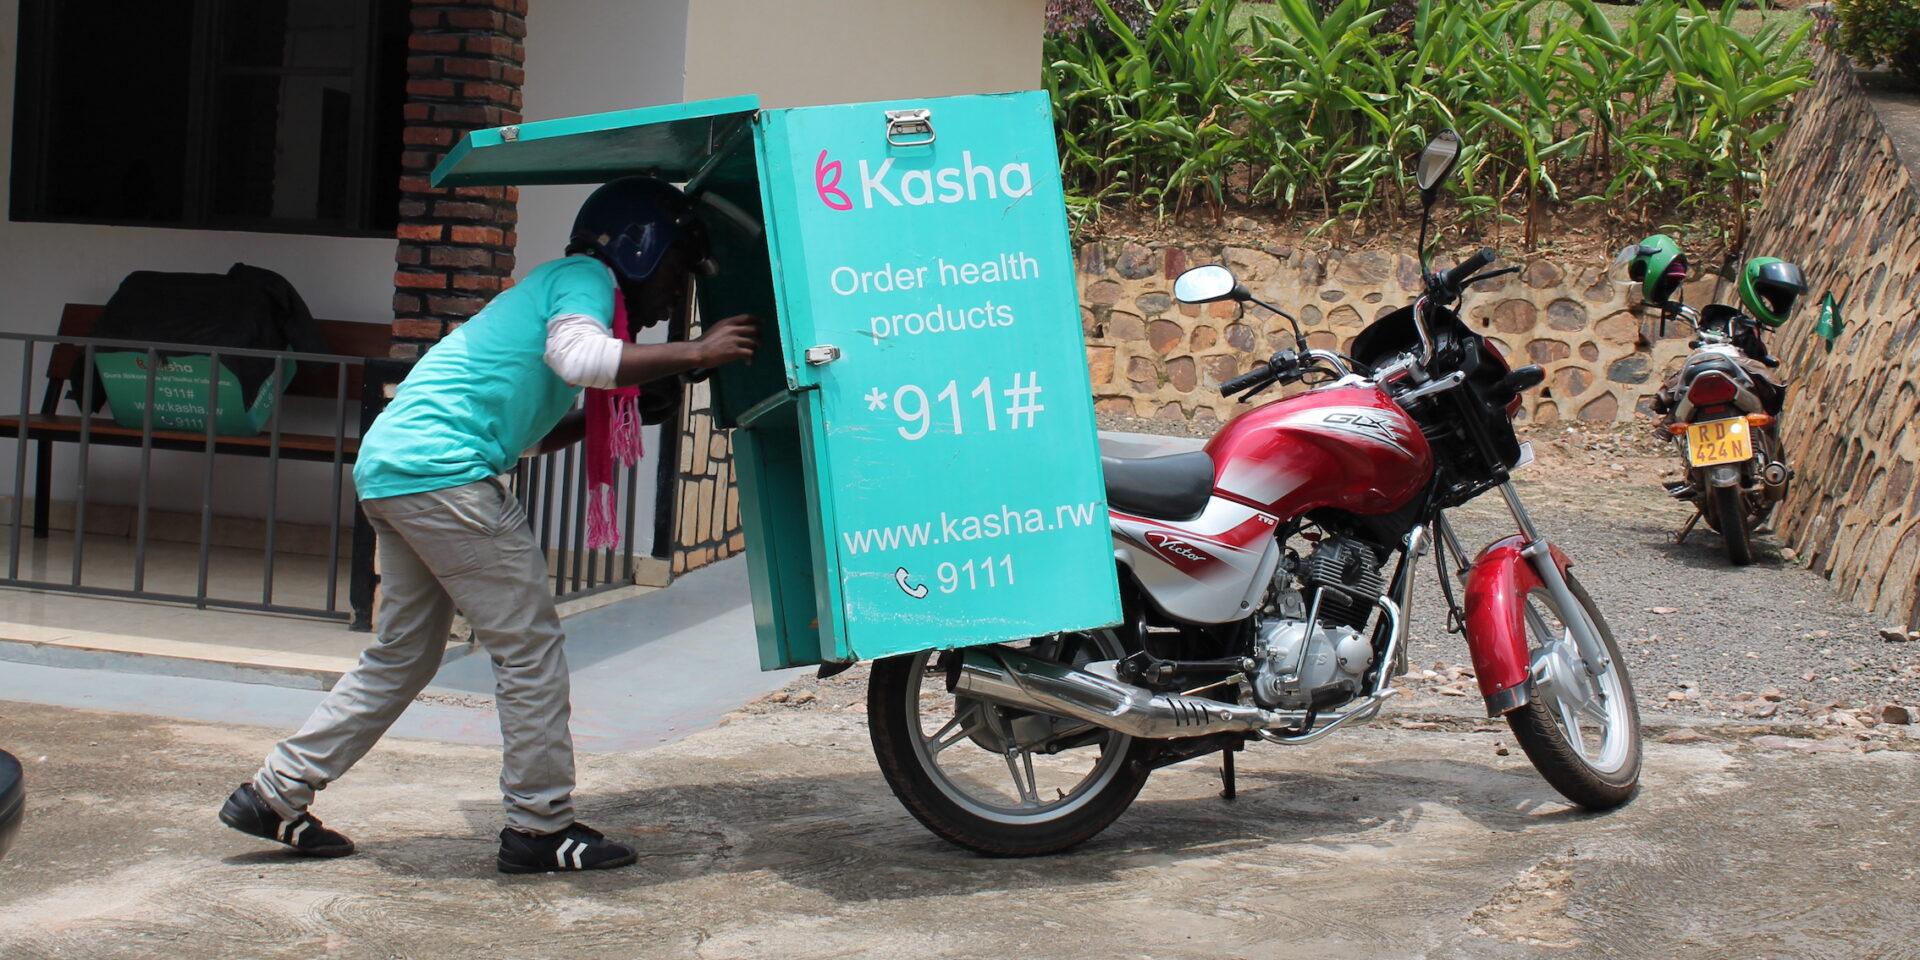 Företaget Kasha levererar preventivmedel till kvinnor på motorcykel